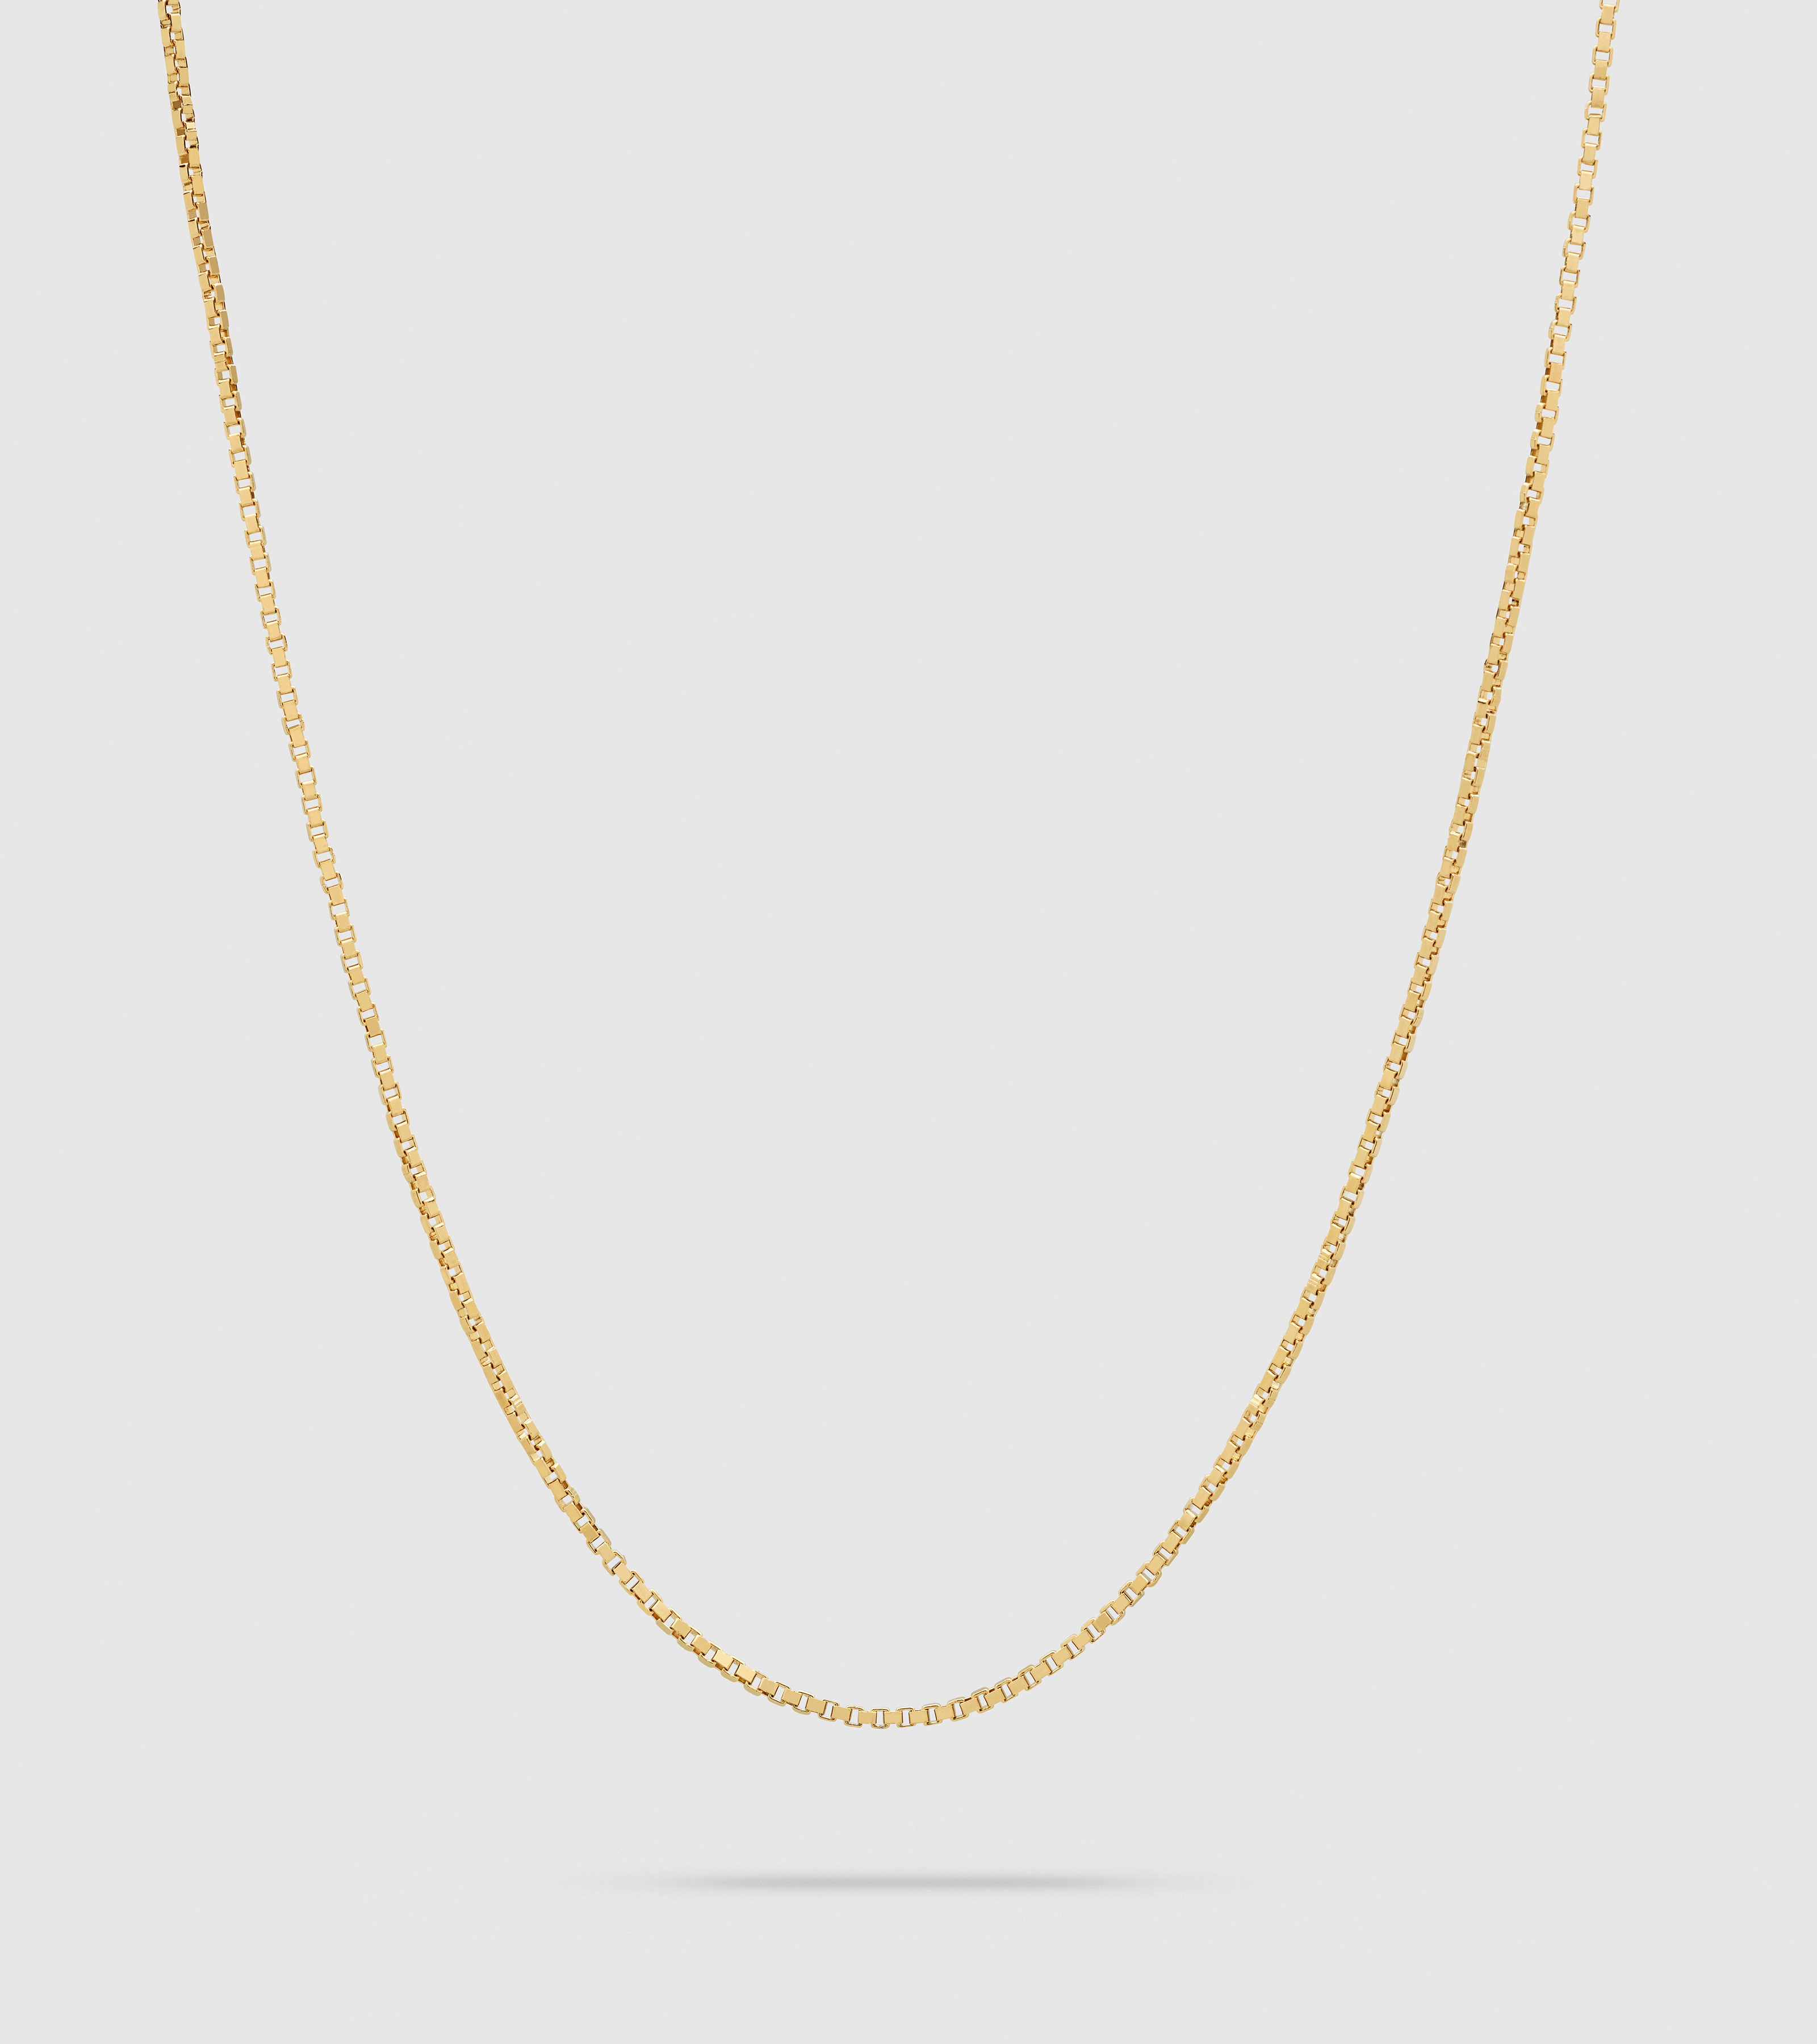 Square Chain Gold